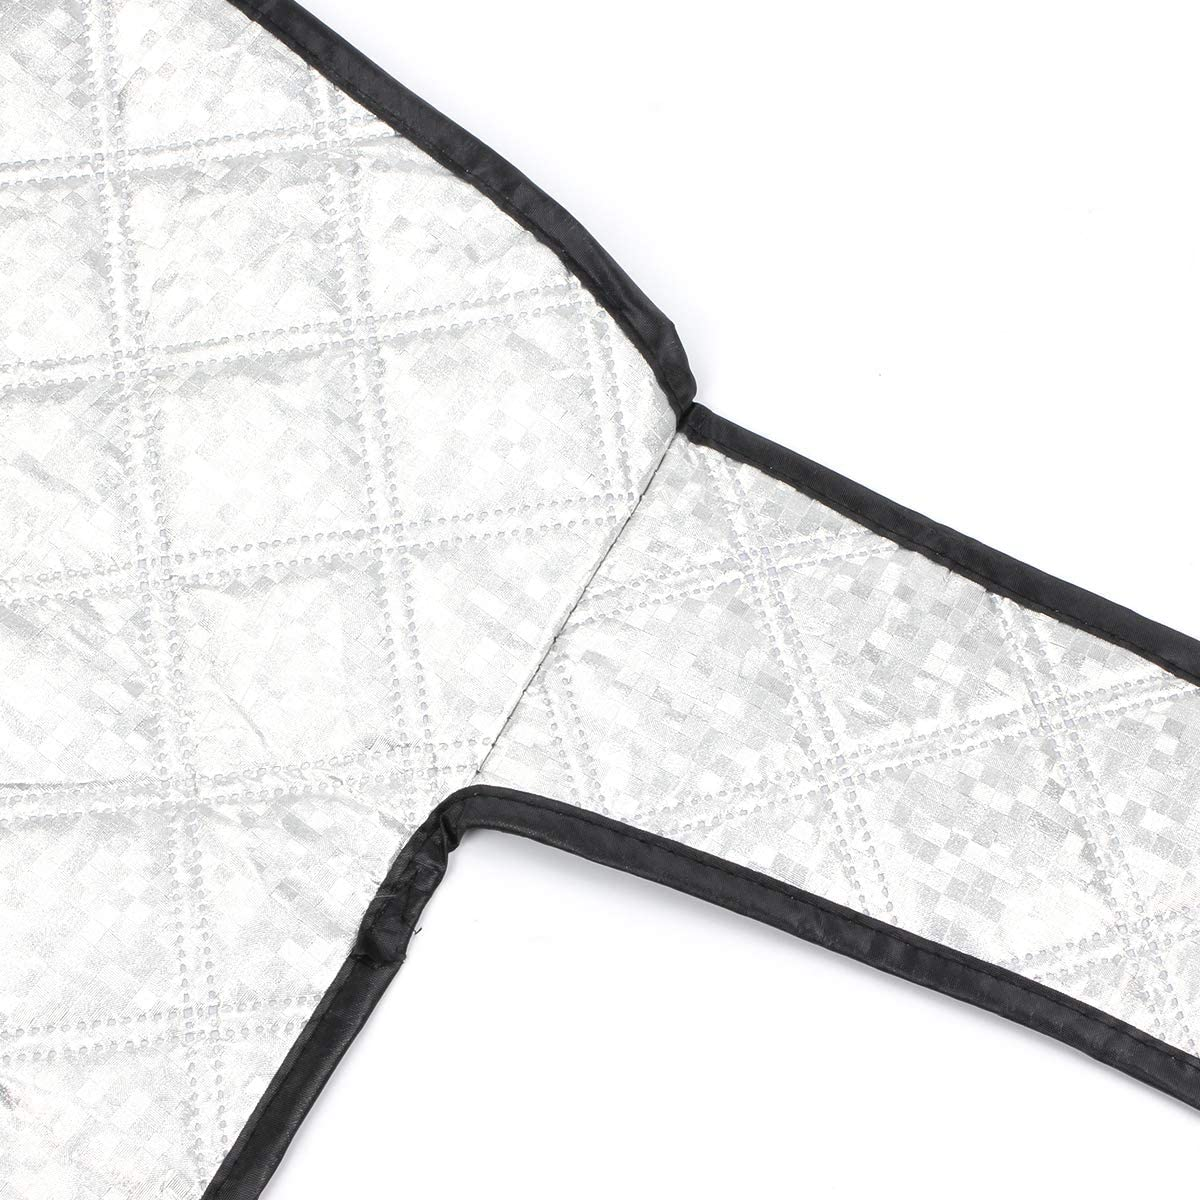 Geila Couverture /épaisse pour Pare-Brise de Voiture Protection Contre la Neige Pare-Soleil en Aluminium pour Toutes Les Saisons